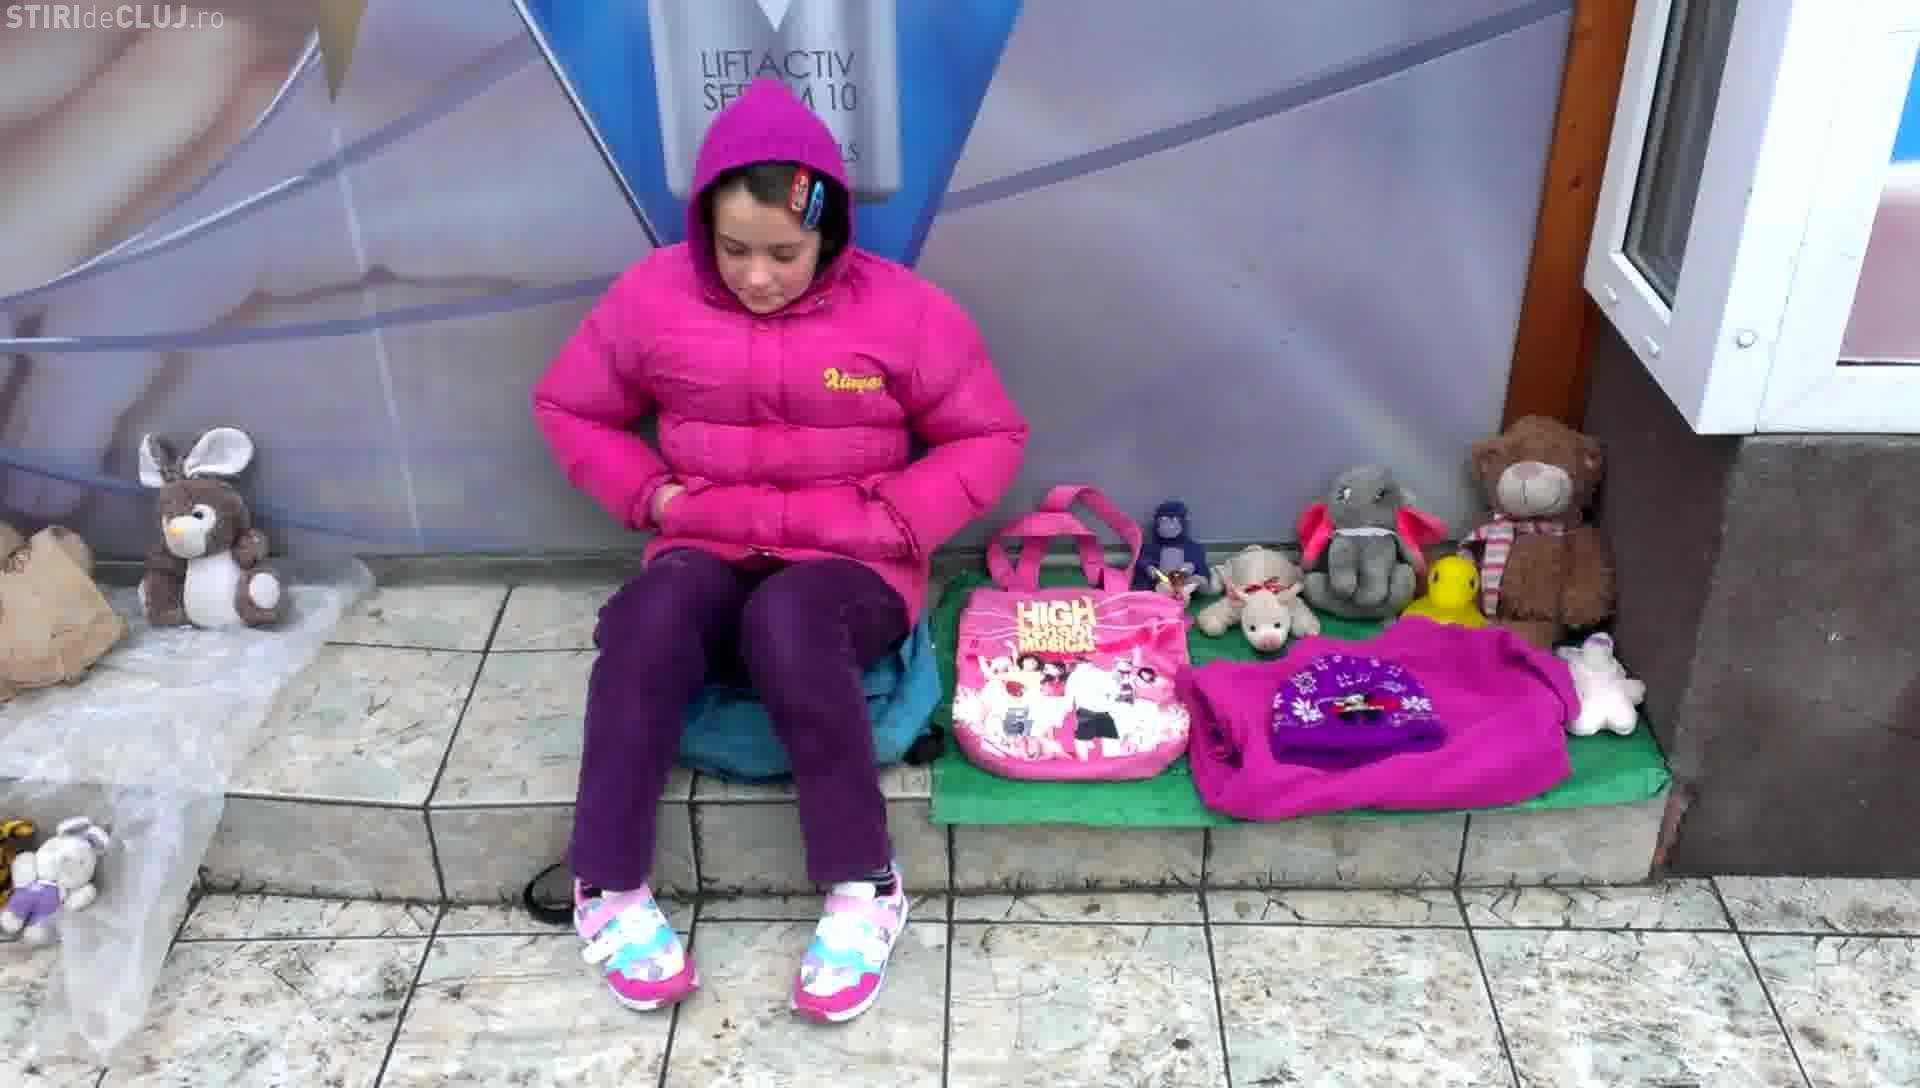 Doi copii din Cluj își vând jucăriile în stradă pentru a merge în EXCURSIE